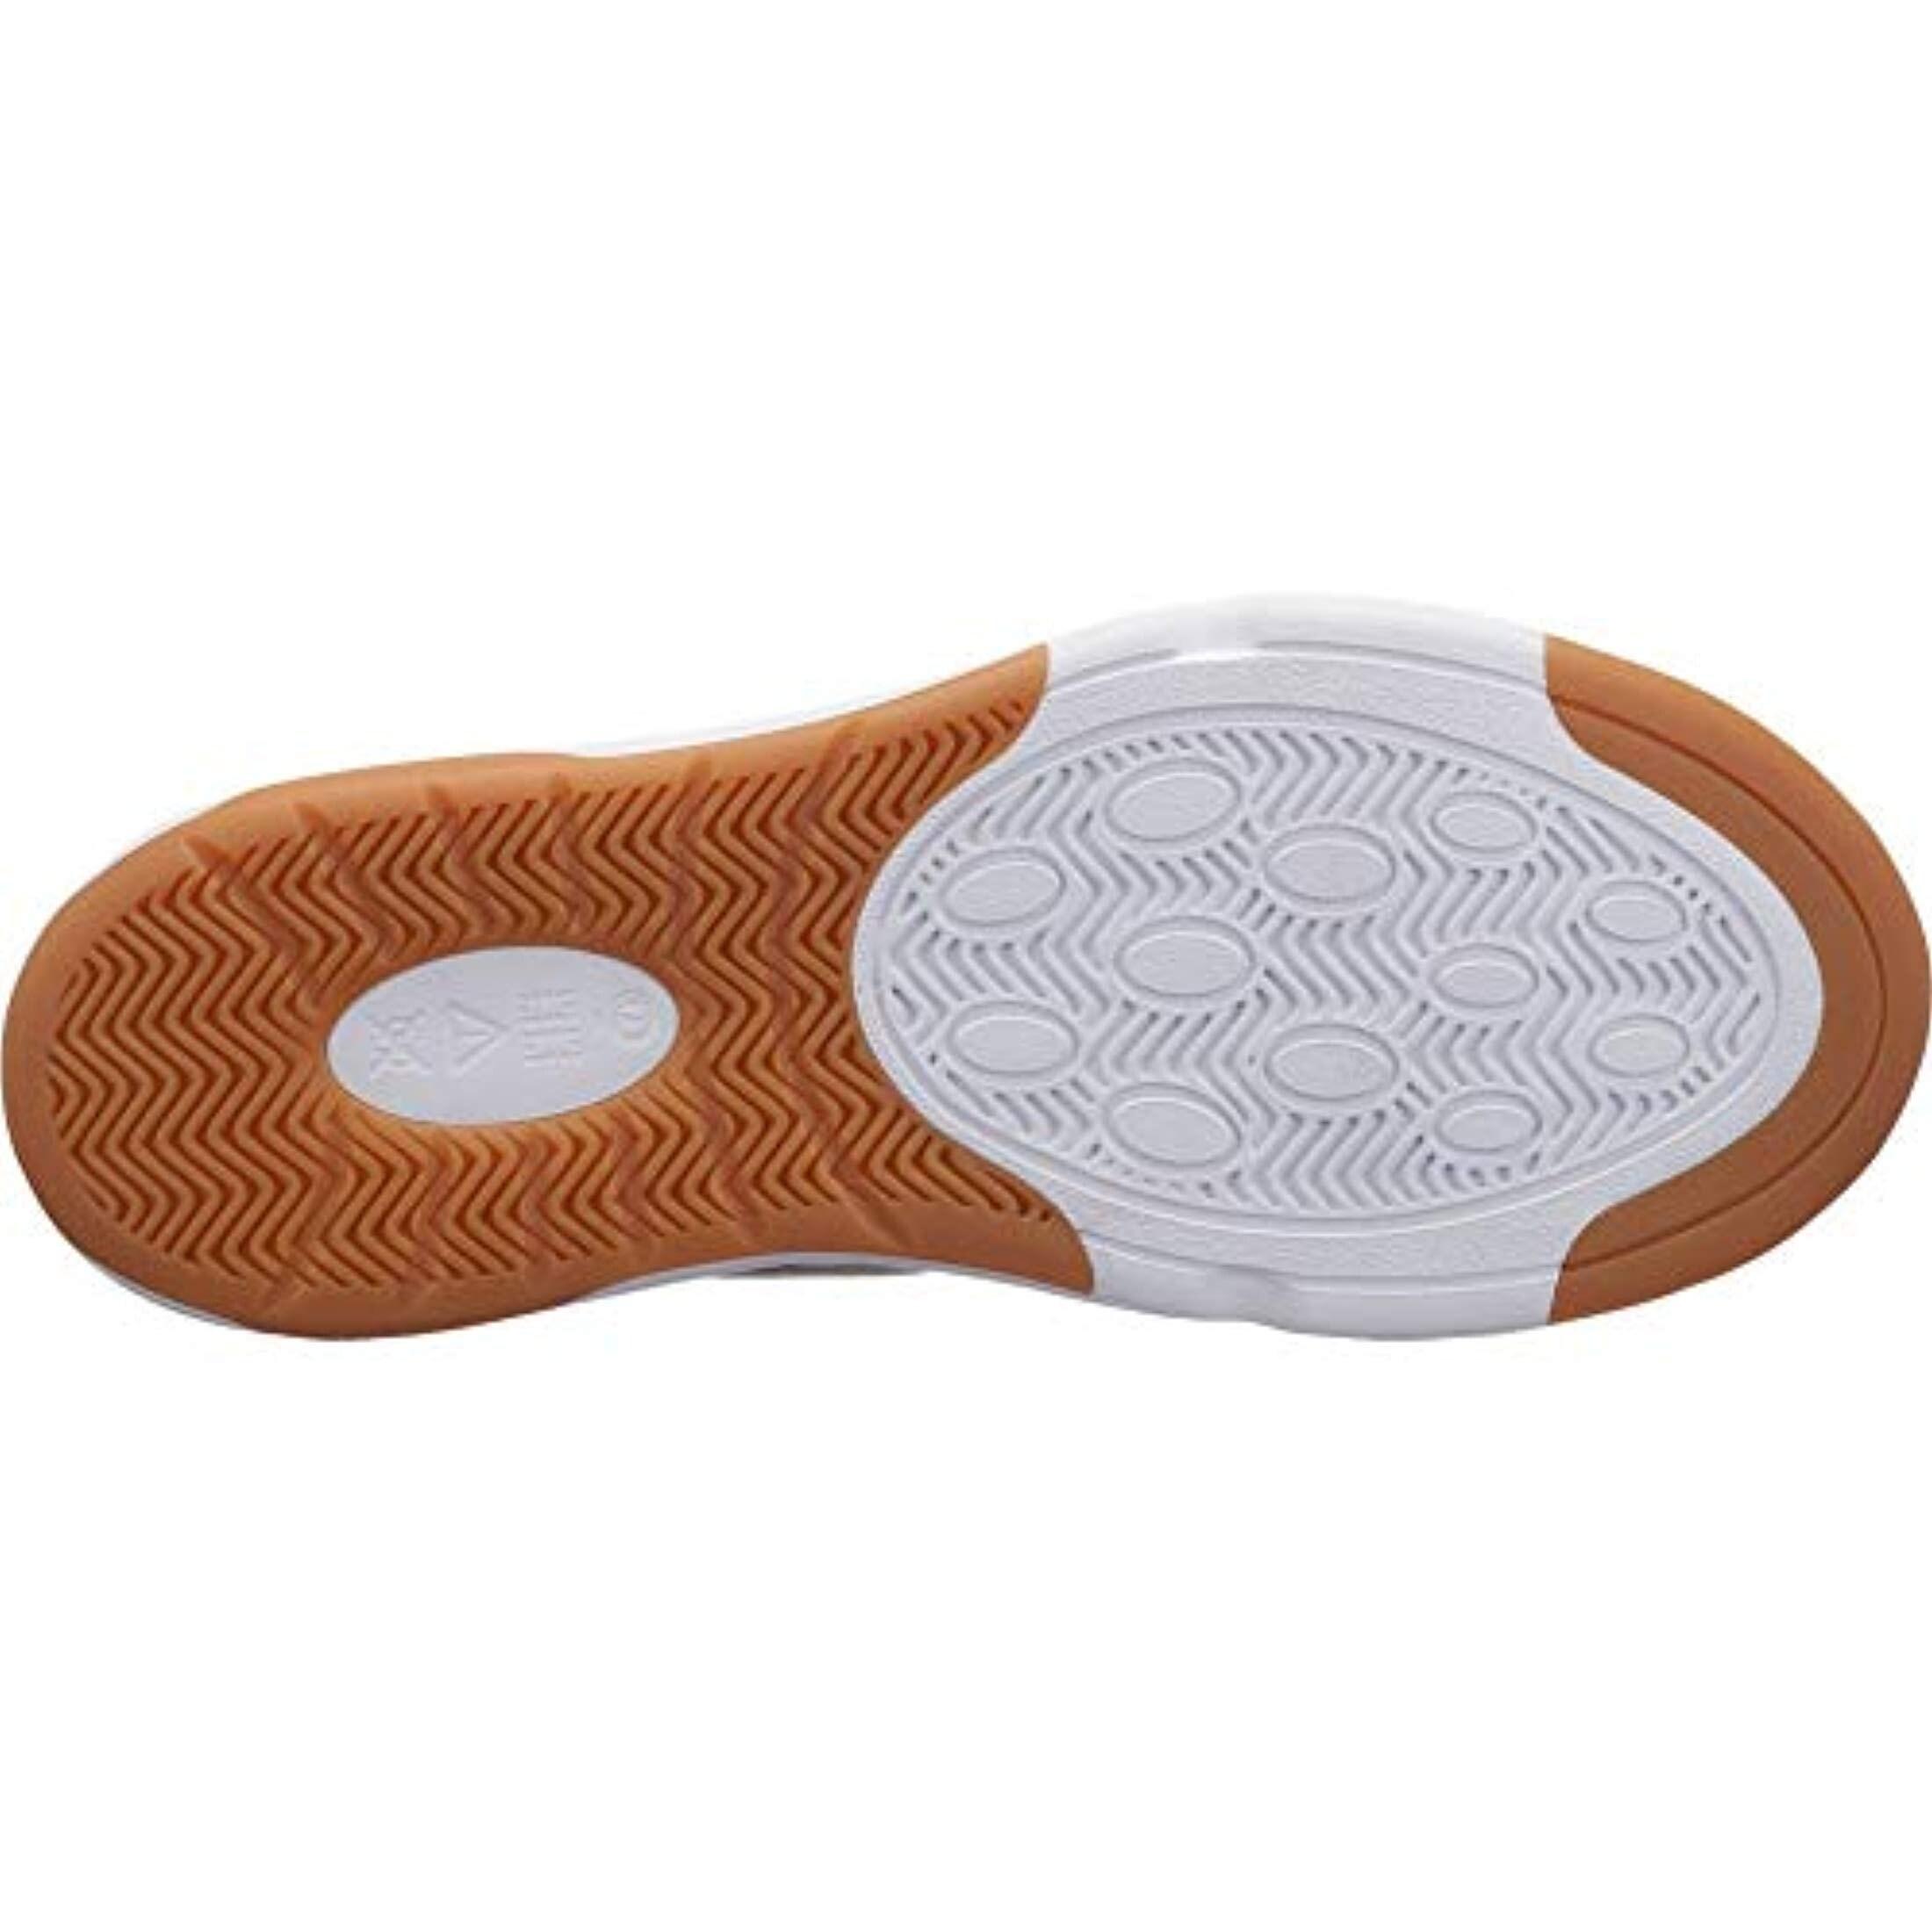 Dilatta Premium Basketball Shoe White